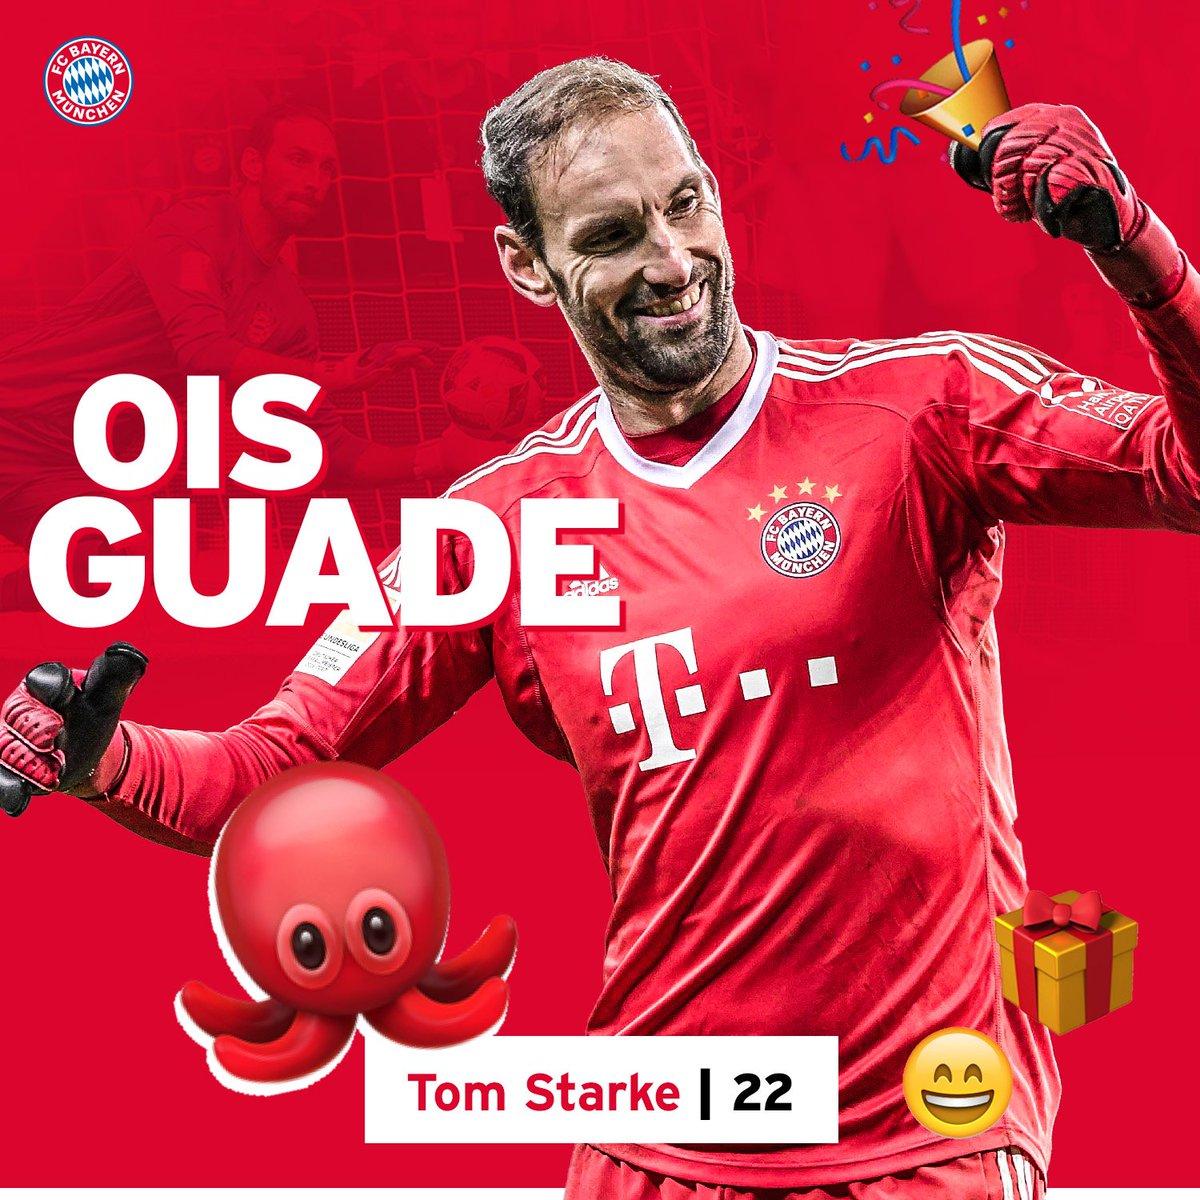 Ois Guade, Tom! 🐙🎉🎊🎈  #StarkeDieKrake #MiaSanMia